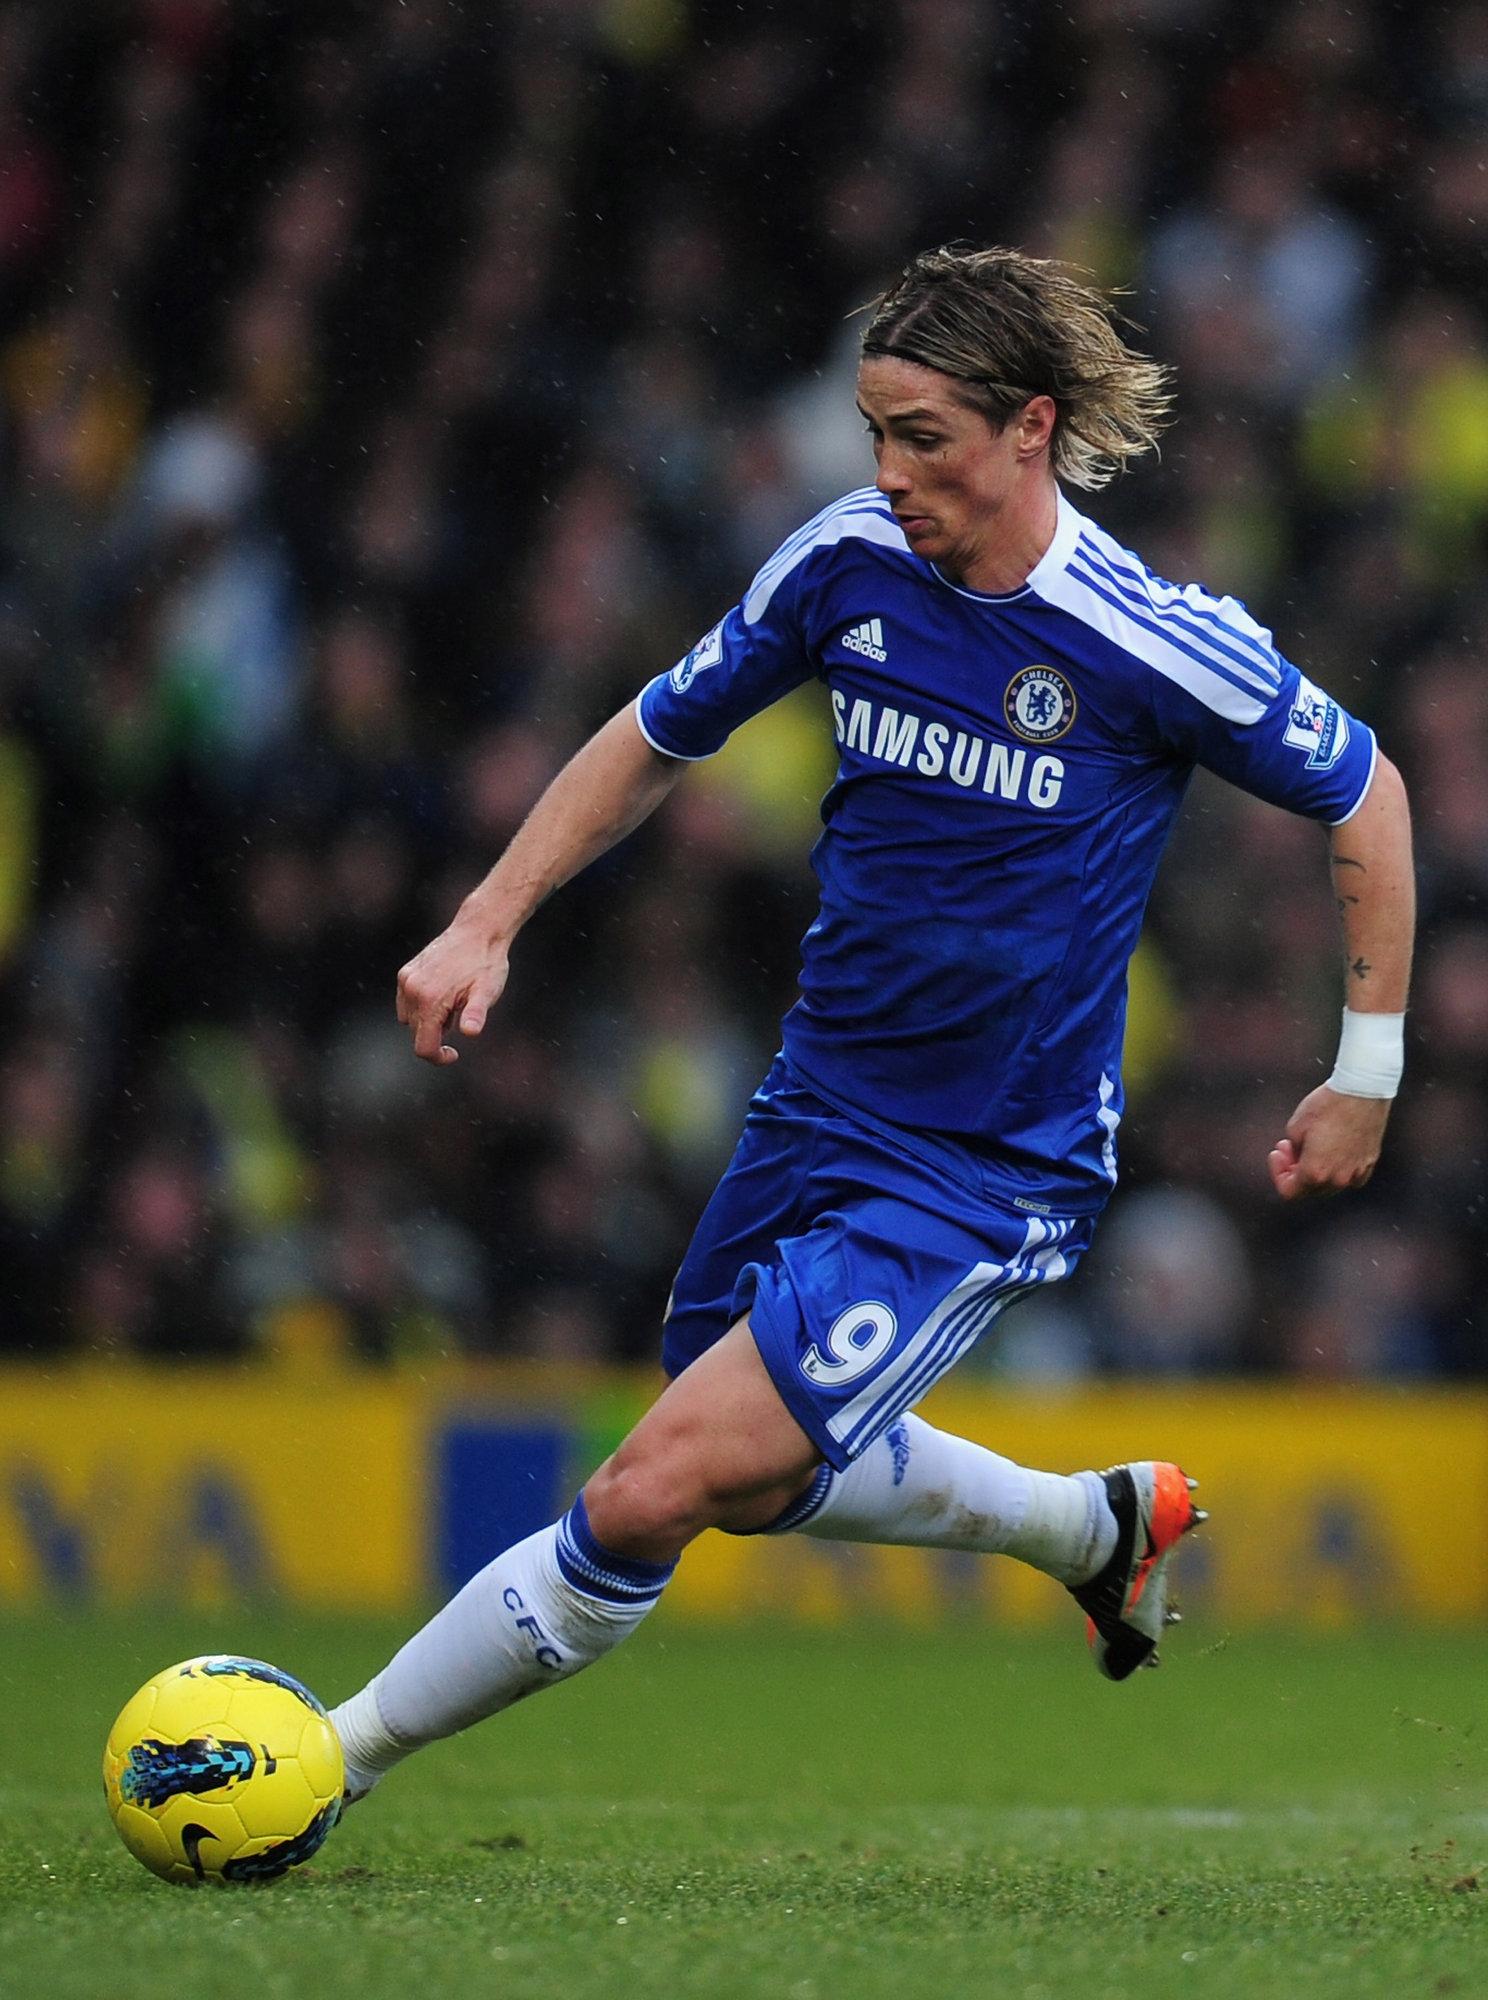 El West Ham desvela que intentó fichar a Fernando Torres en el mercado de invierno